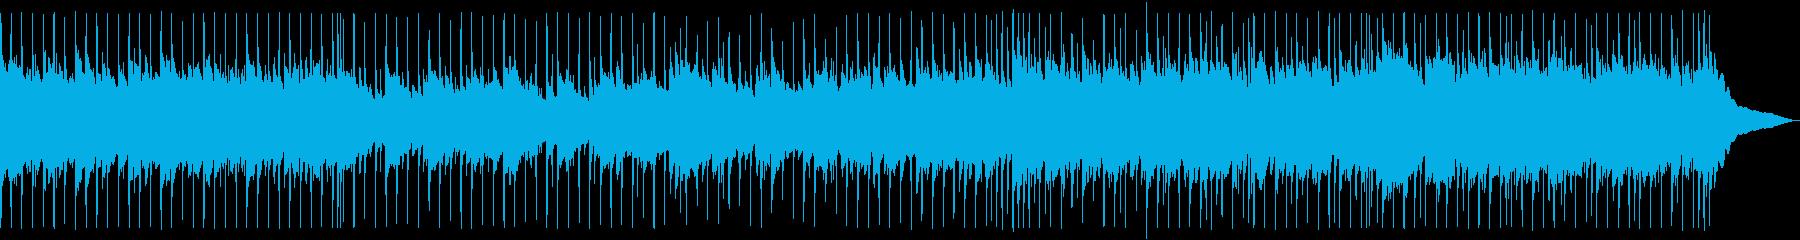 爽やかな風が吹き抜ける軽快なポップ。2の再生済みの波形